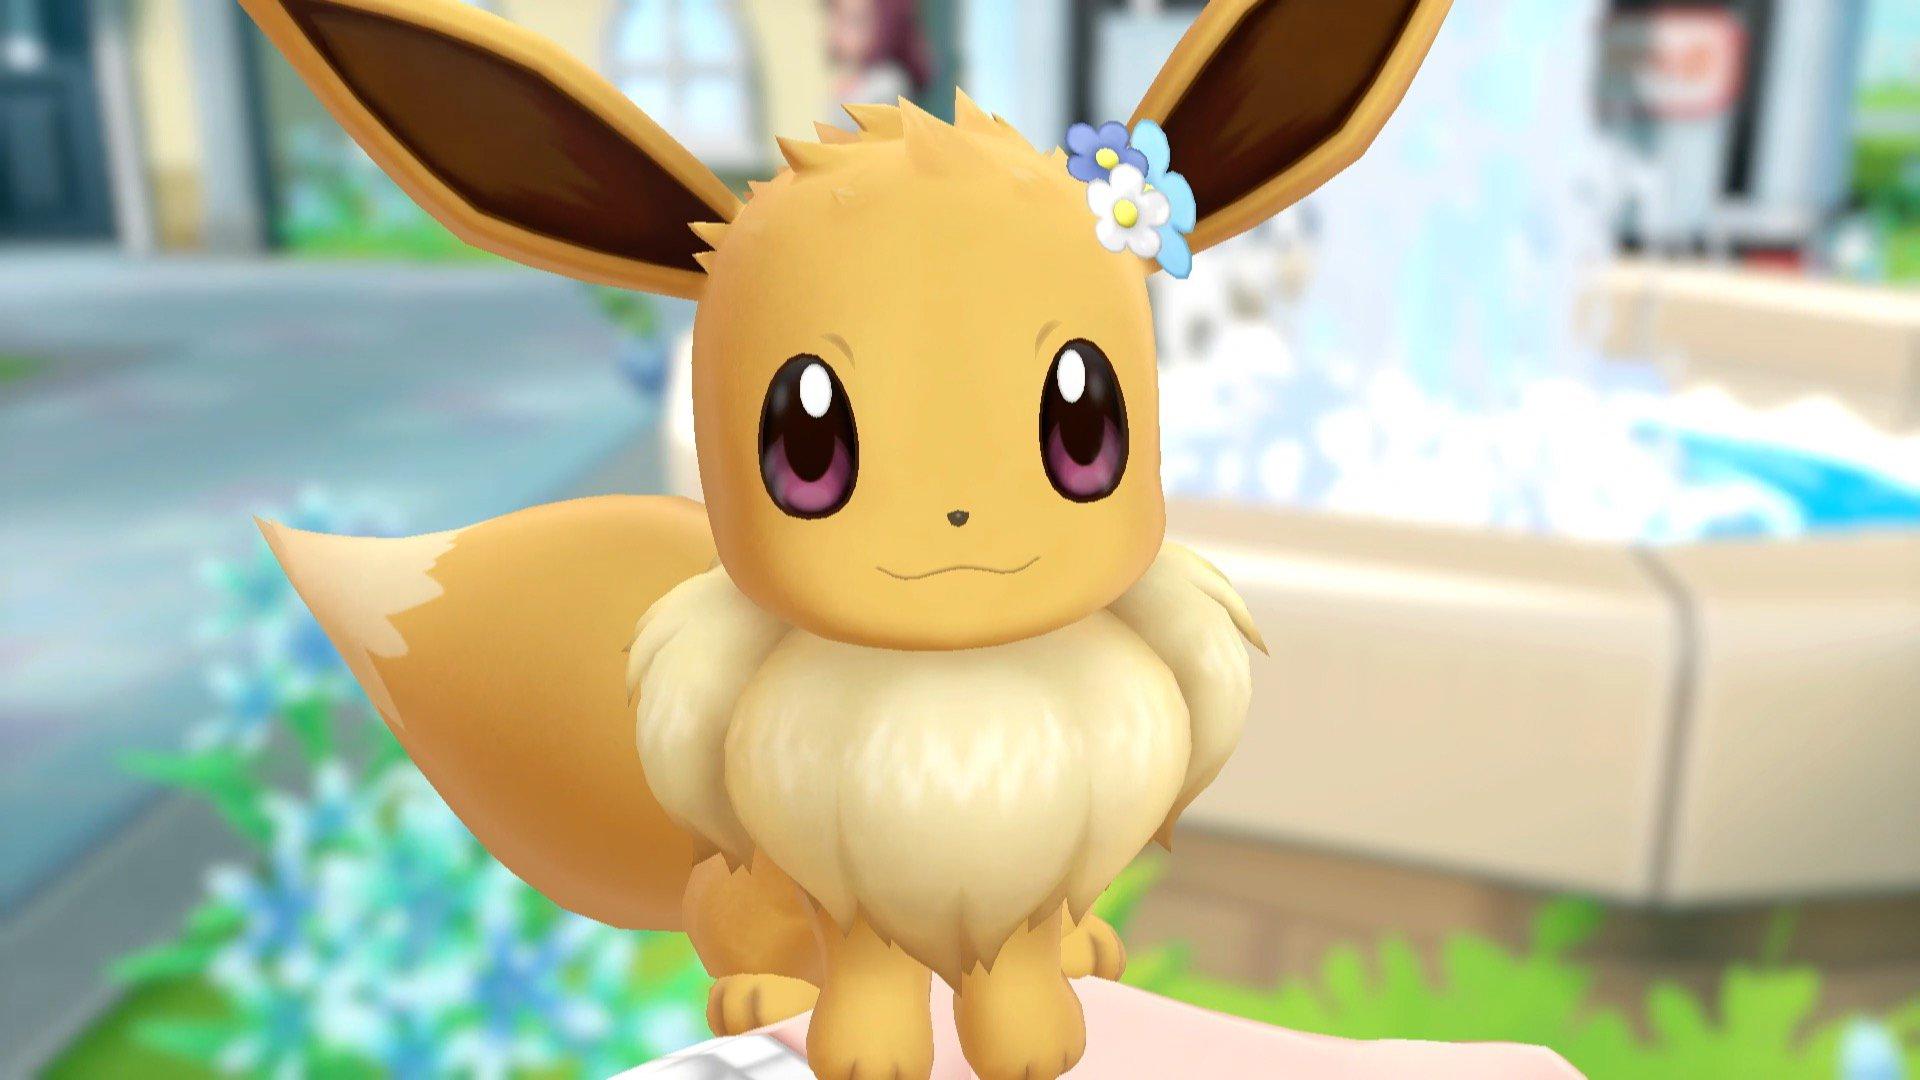 PokéNews (Nov. 6) - Pokémon: Let's Go. Pikachu! / Let's Go. Eevee! / Pokémon GO - Perfectly Nintendo